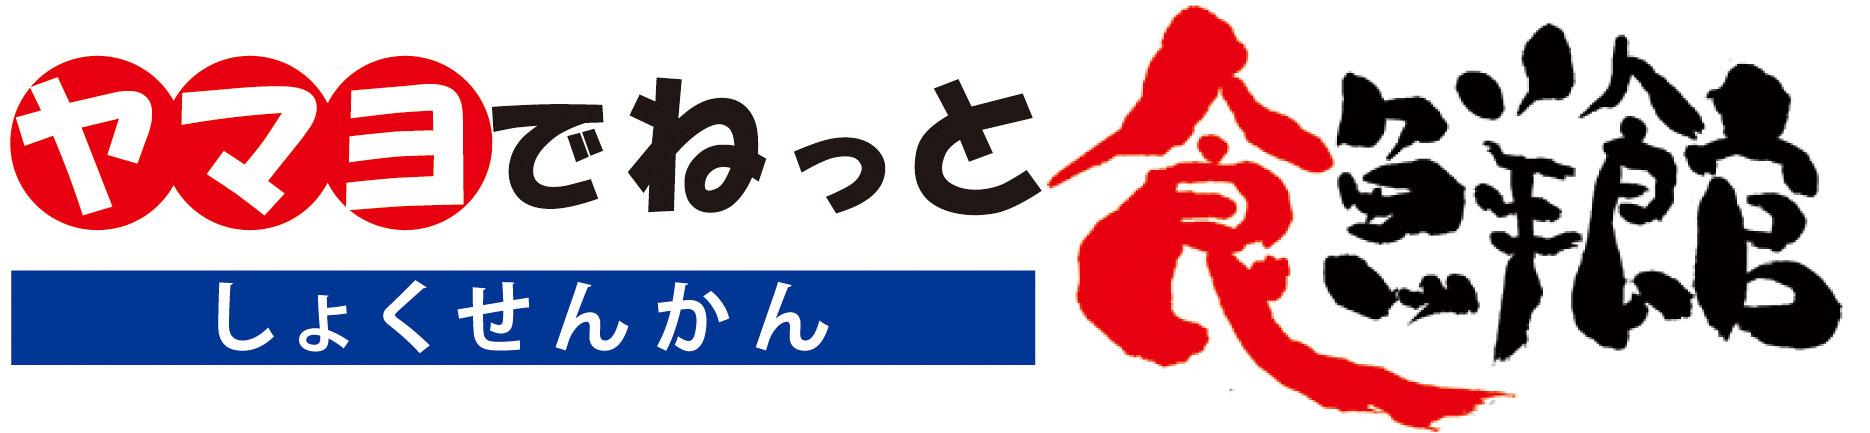 ヤマヨでねっと食鮮館